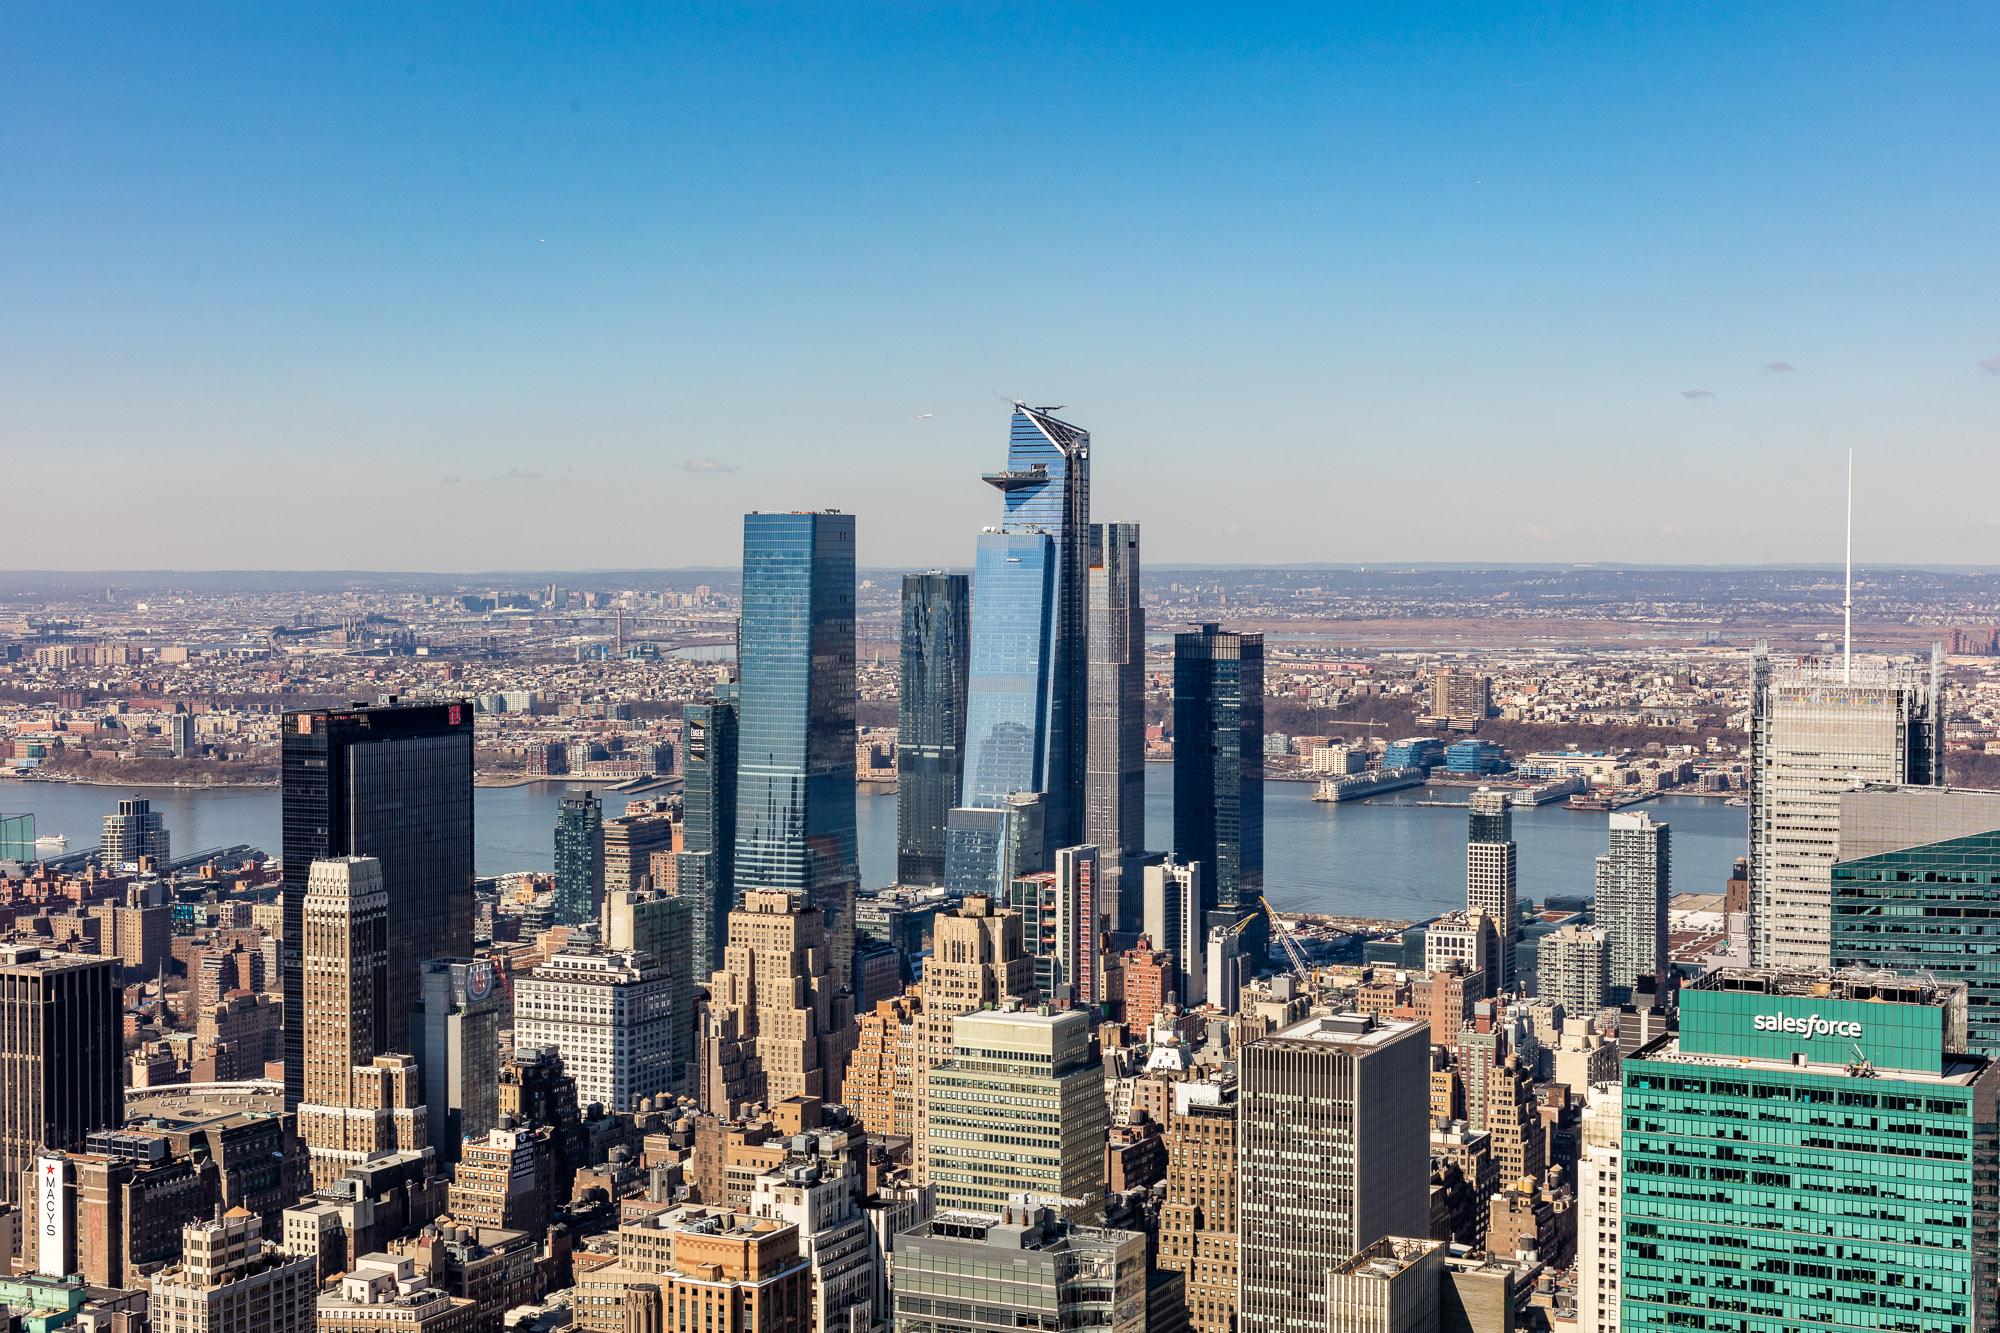 De Blasio's 'glass skyscraper ban,' explained